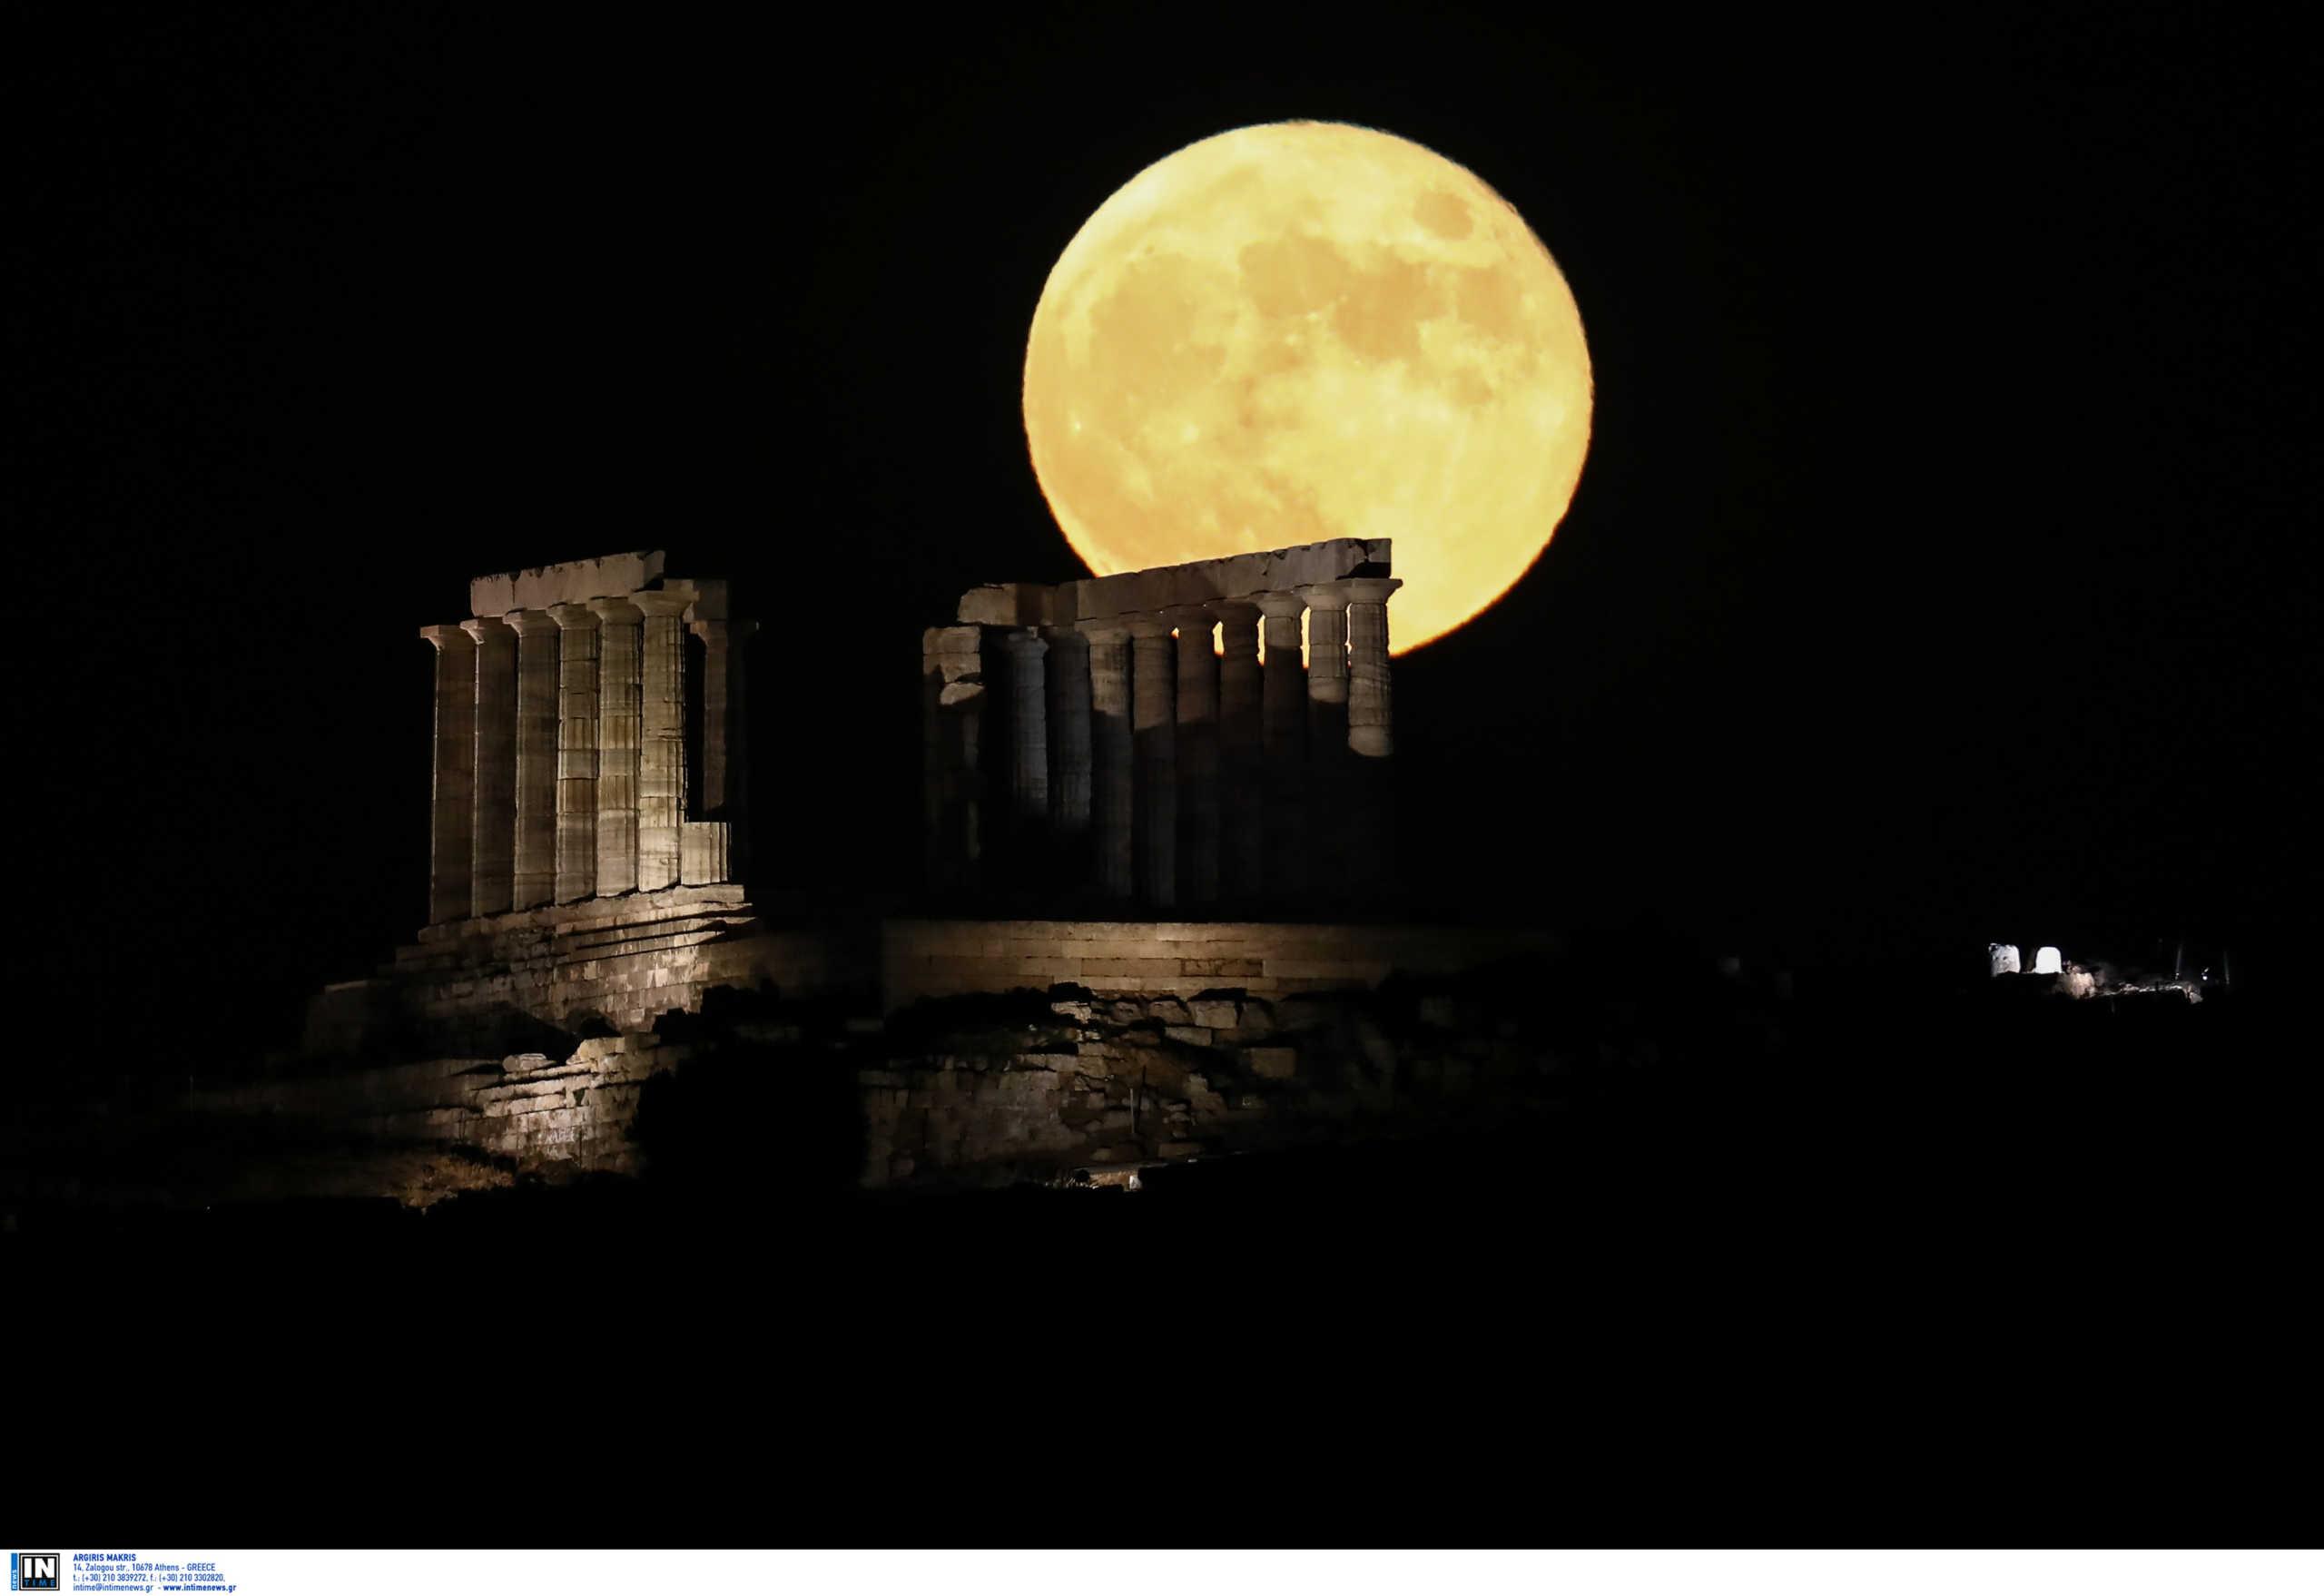 """Μάγεψε το φεγγάρι του """"κόκκινου ελαφιού""""! Εντυπωσιακές εικόνες από το Σούνιο"""